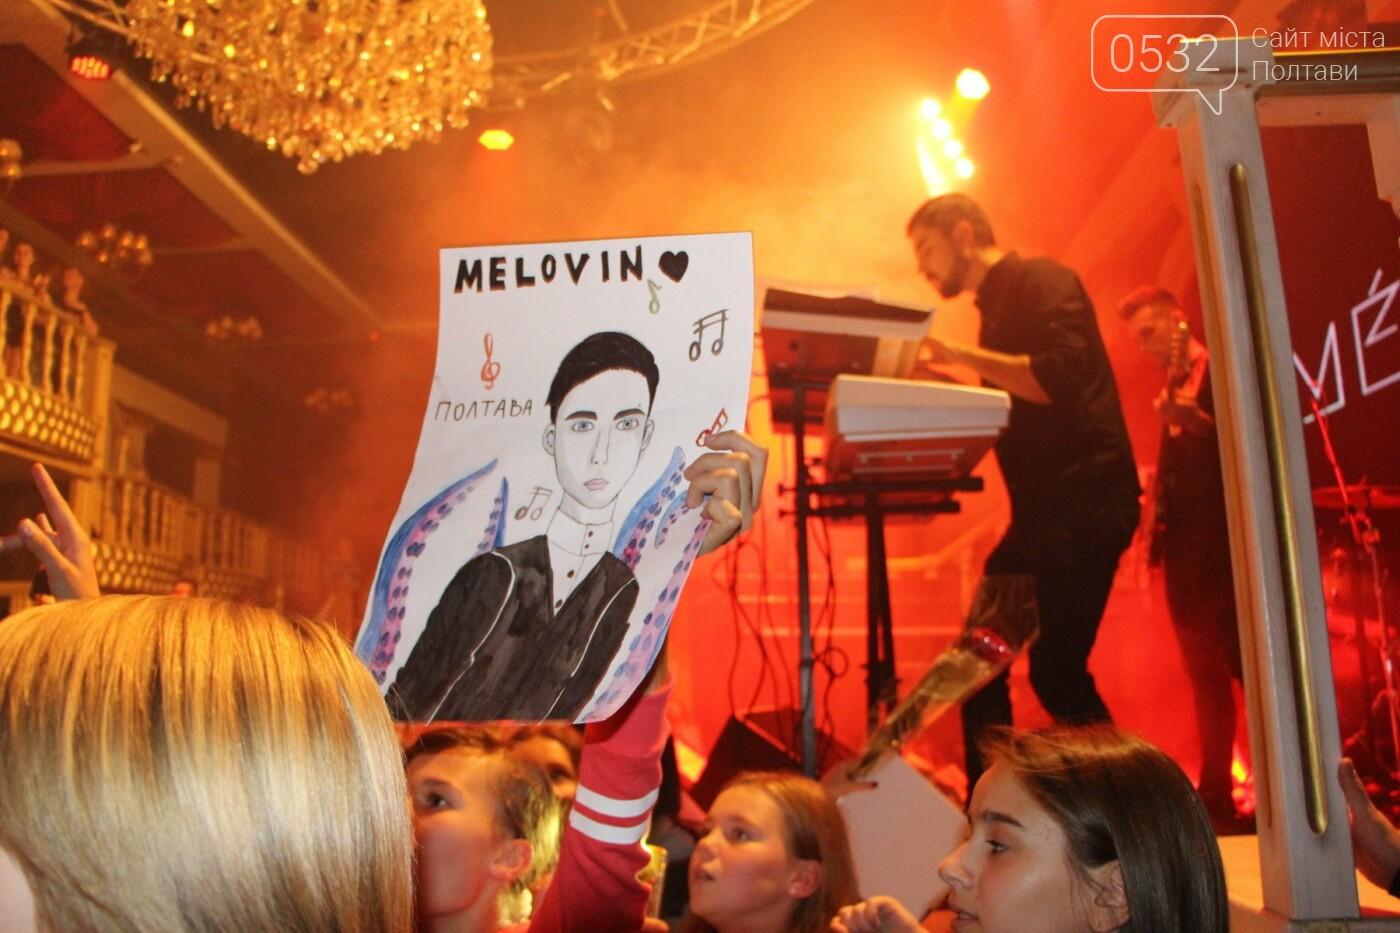 У Полтаві MELOVIN презентував нову пісню та заспівав із сотнями фанатів (ФОТО, ВІДЕО), фото-3